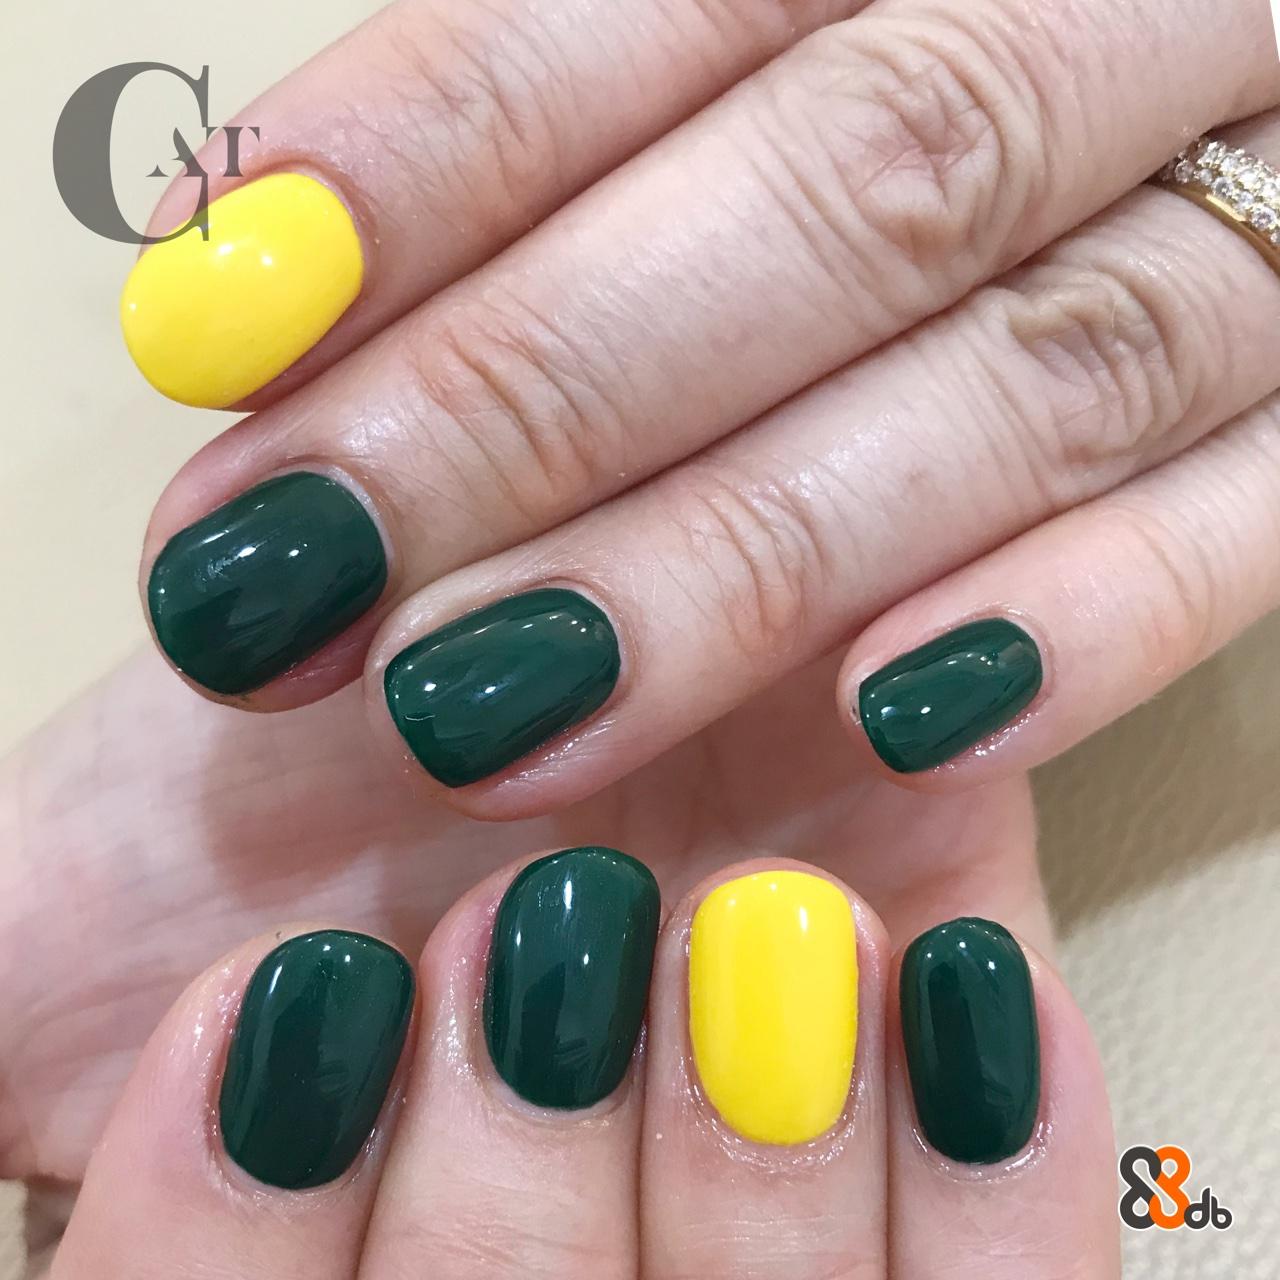 Nail polish,Manicure,Nail,Nail care,Green